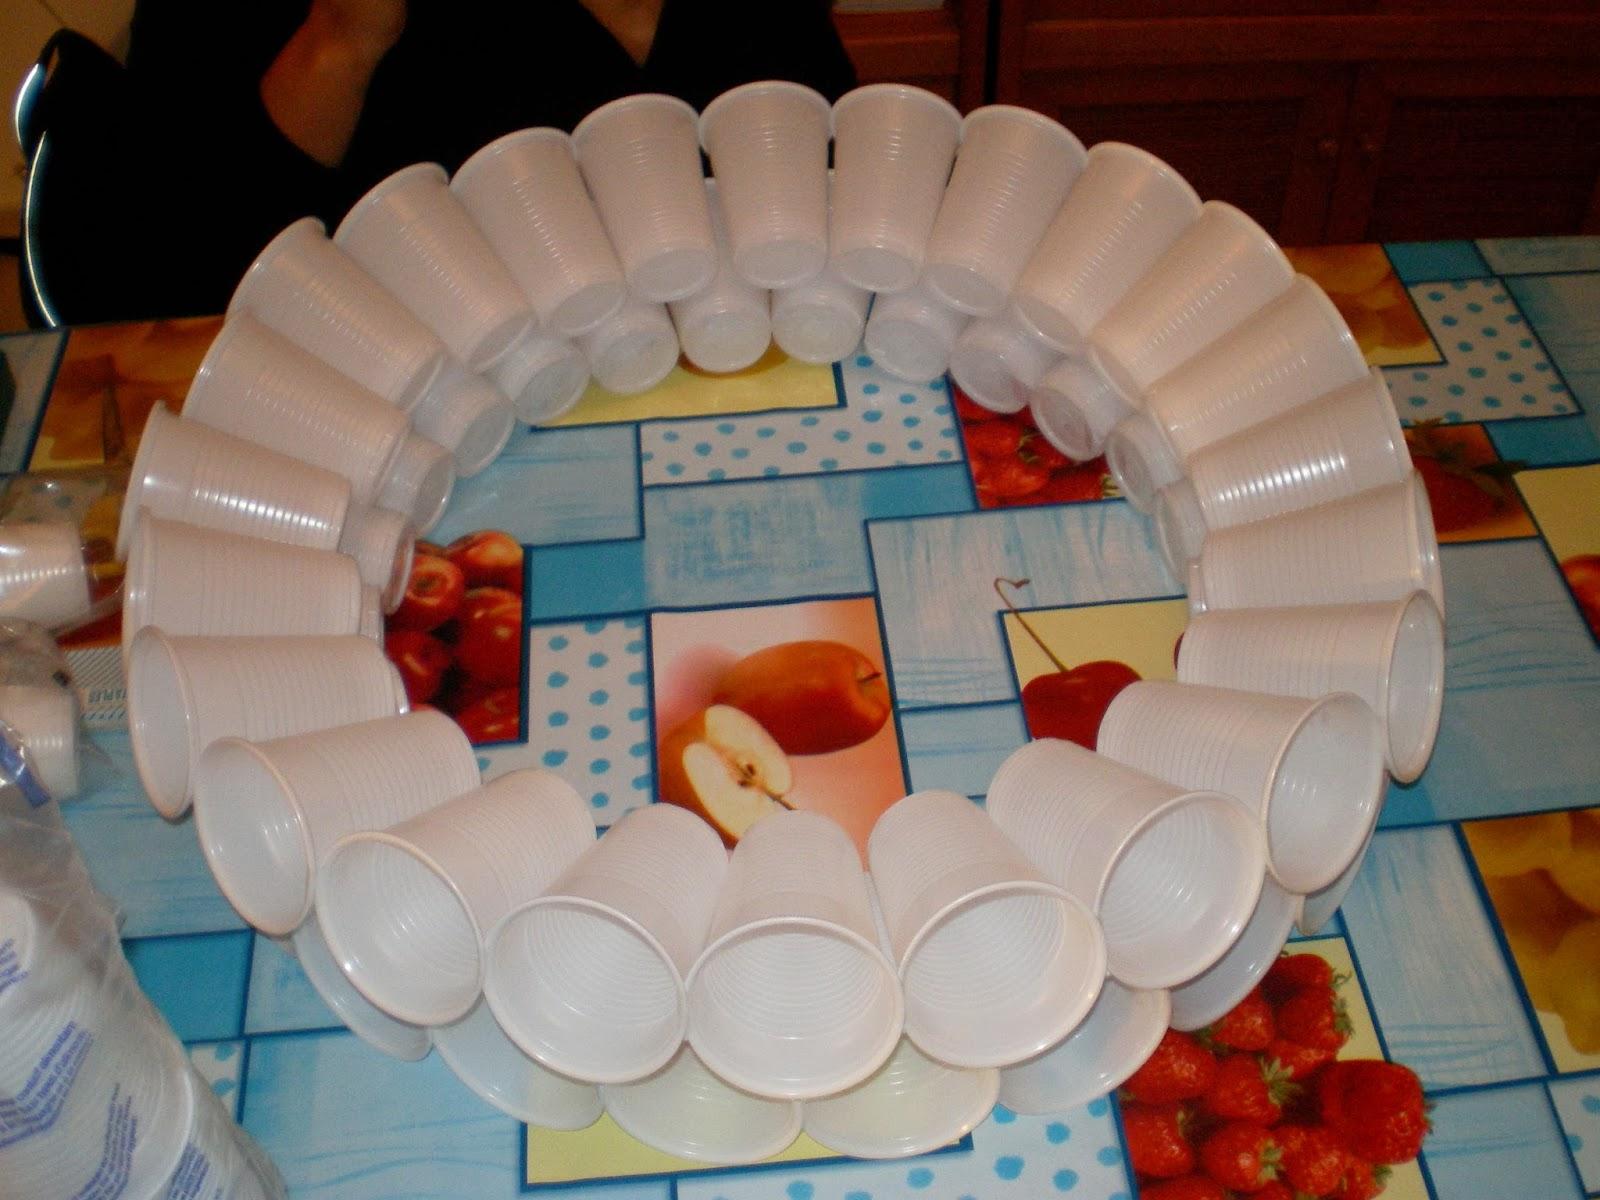 La Bombilla De Las Ideas Muñeco De Nieve Con Vasos De Plastico